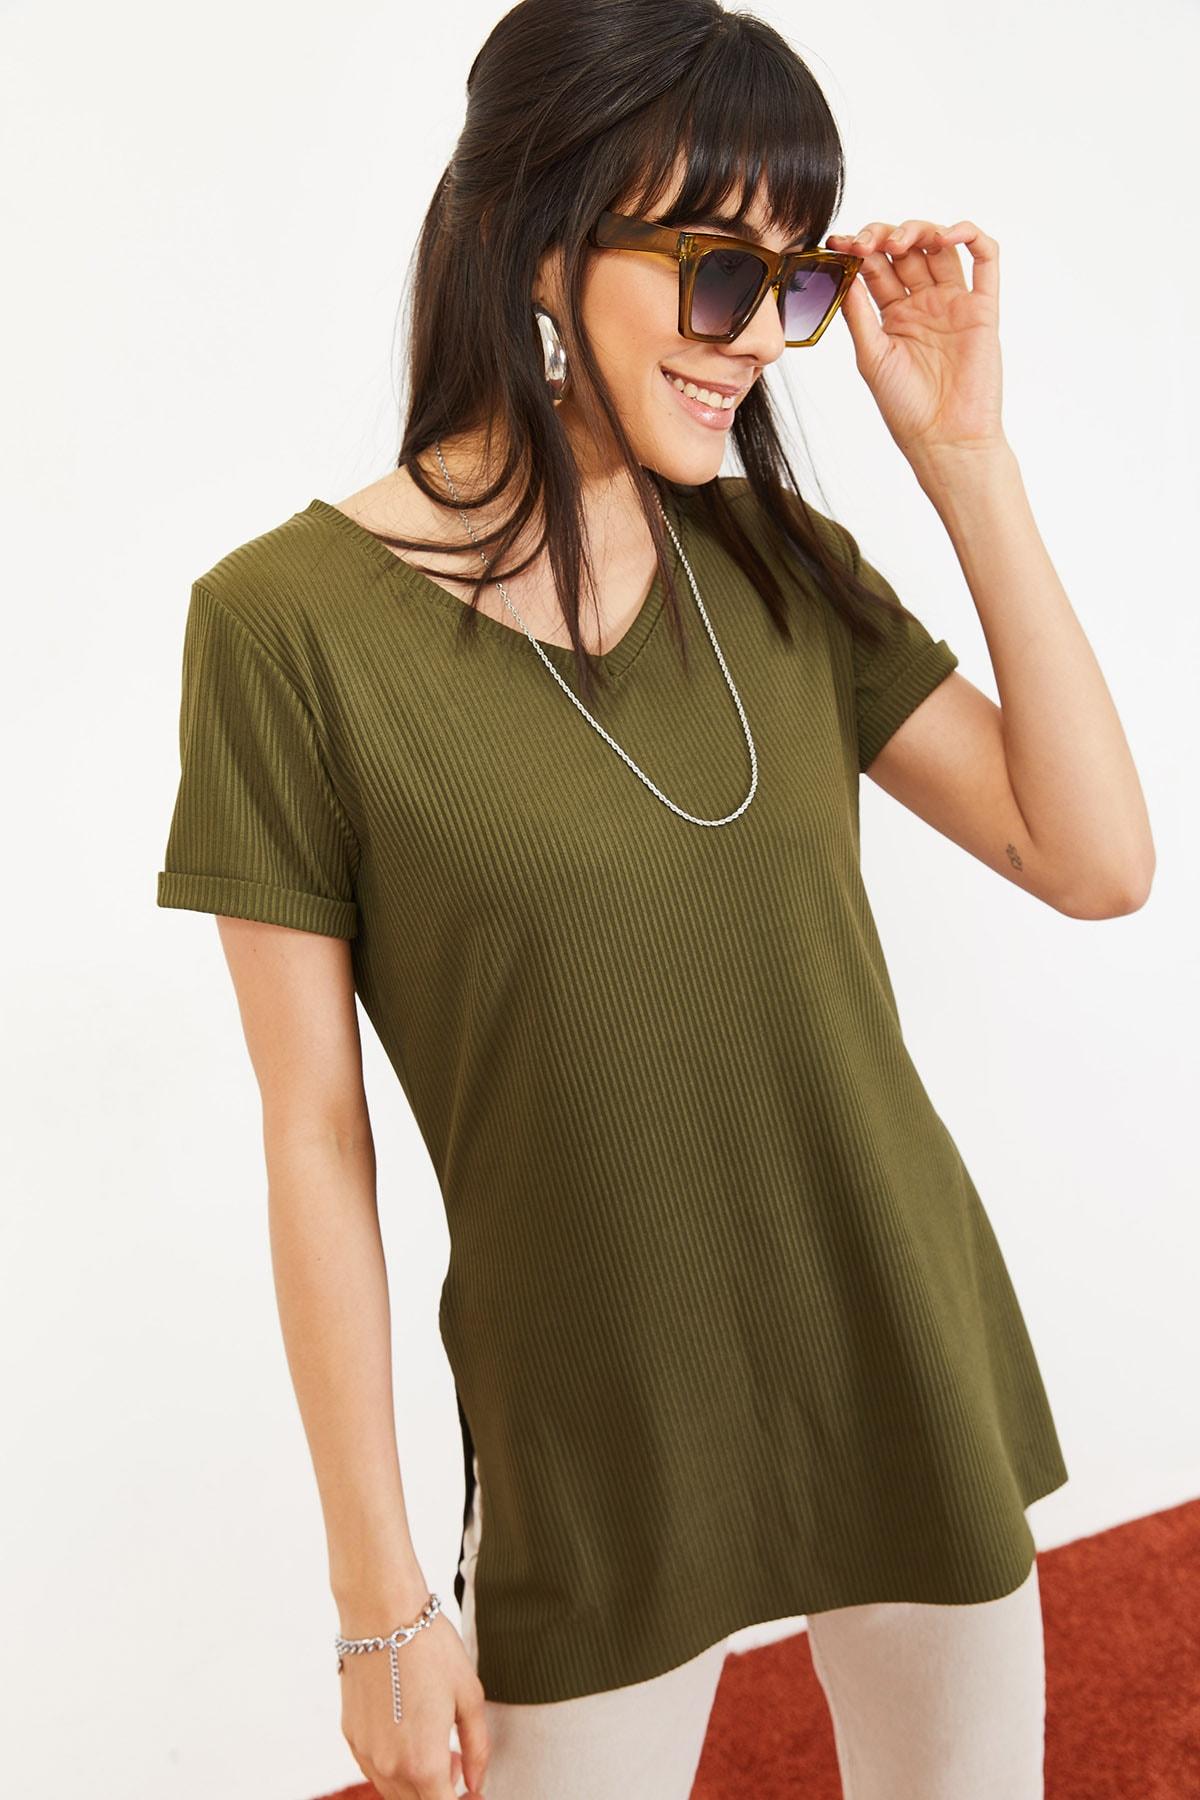 Bianco Lucci Kadın Yeşil Kol Yan Yırtmaçlı Kol Detay Kaşkorse T-Shirt 10051012 1